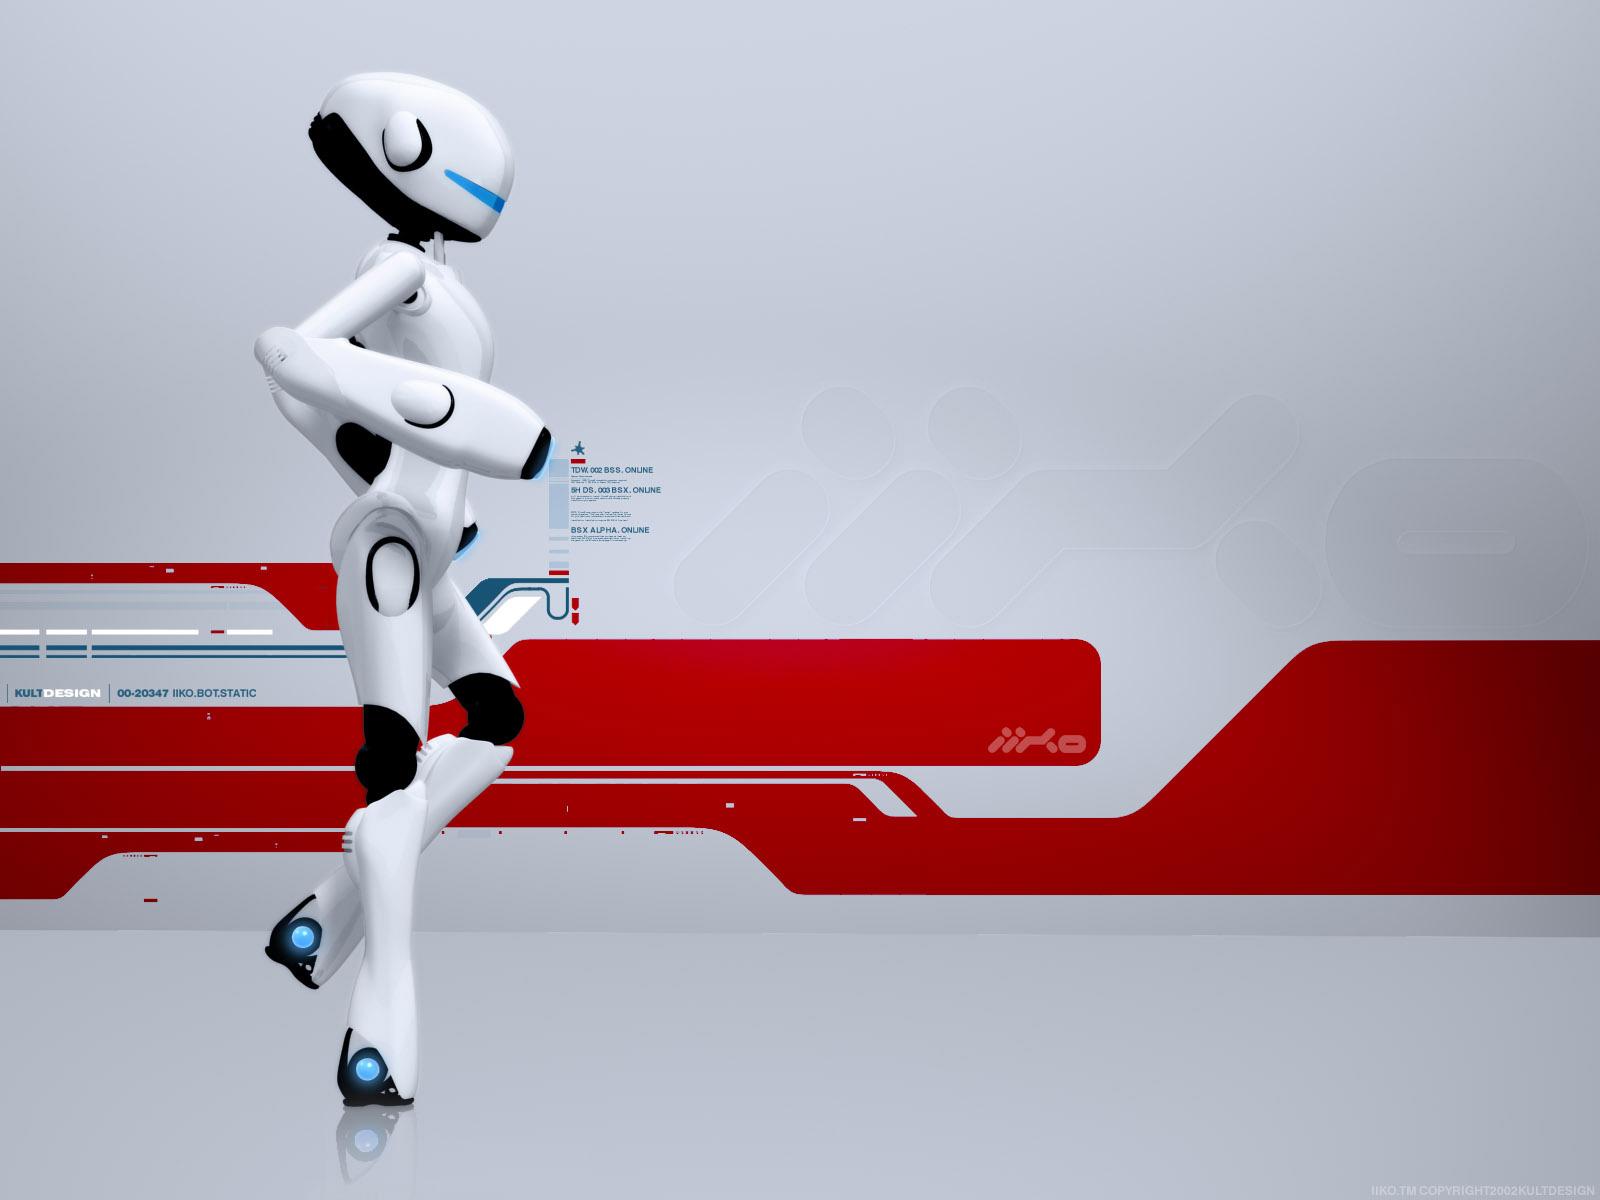 http://2.bp.blogspot.com/_pdzHm9ymj4Q/TRxrxE7r9DI/AAAAAAAADCo/Uy4CuWcch54/s1600/robot%2Bsecretary.jpg